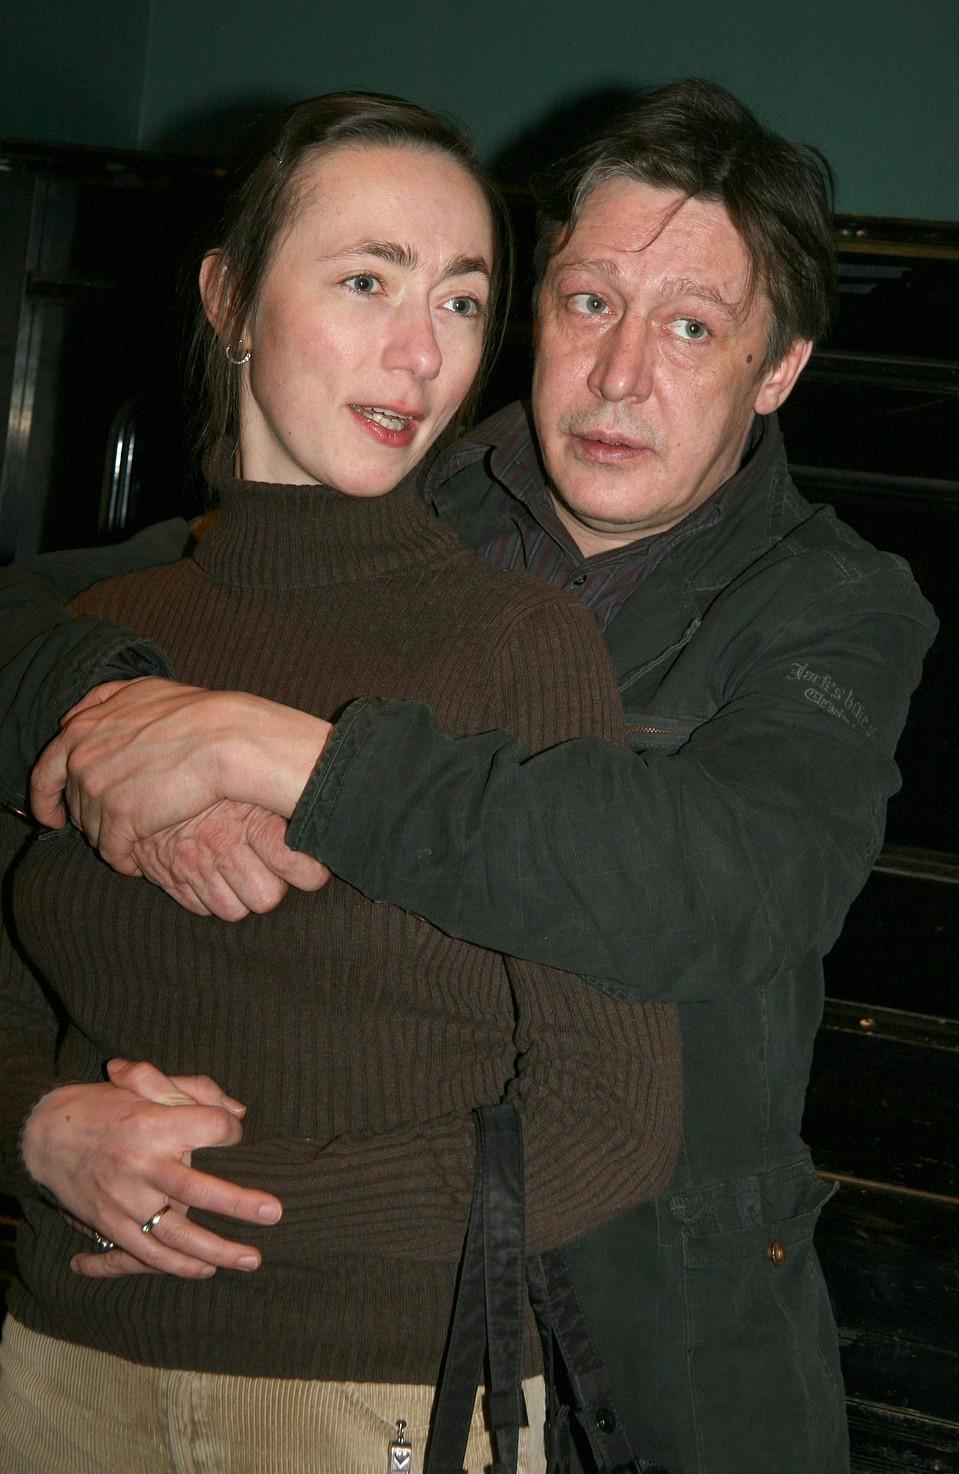 Кругликова приучала семью к закаливанию и ЗОЖ. Фото: GLOBAL LOOK PRESS